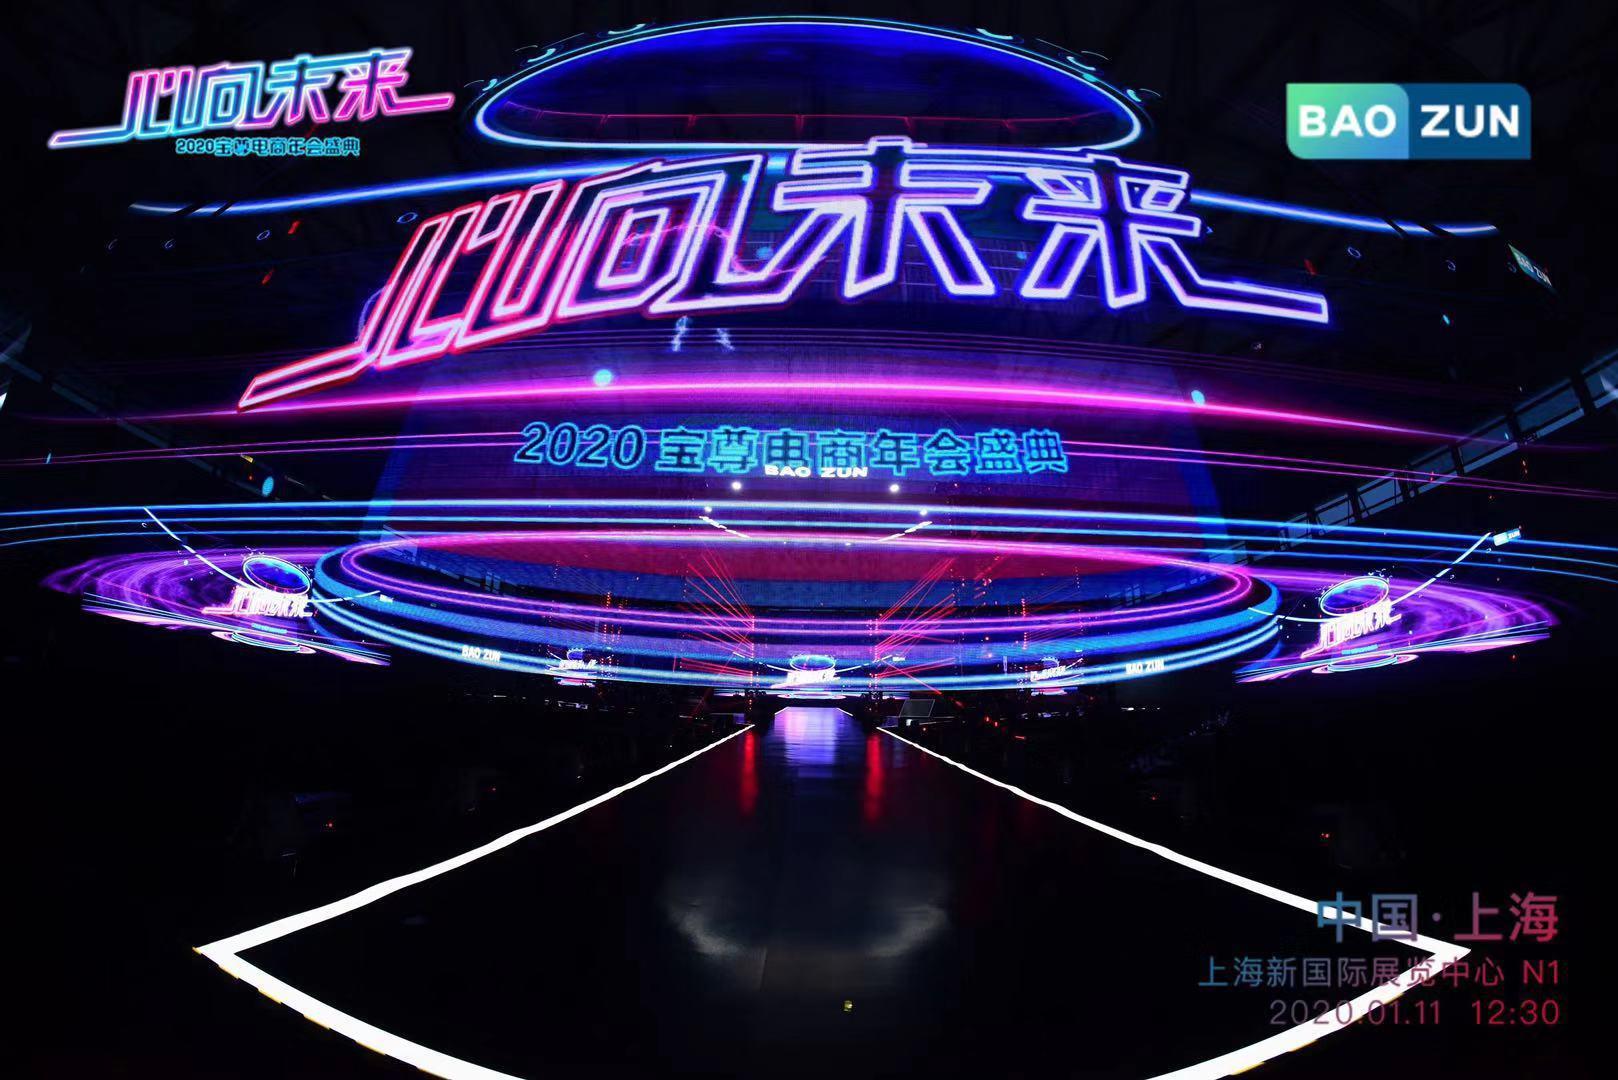 http://www.xqweigou.com/dianshangyunying/99771.html